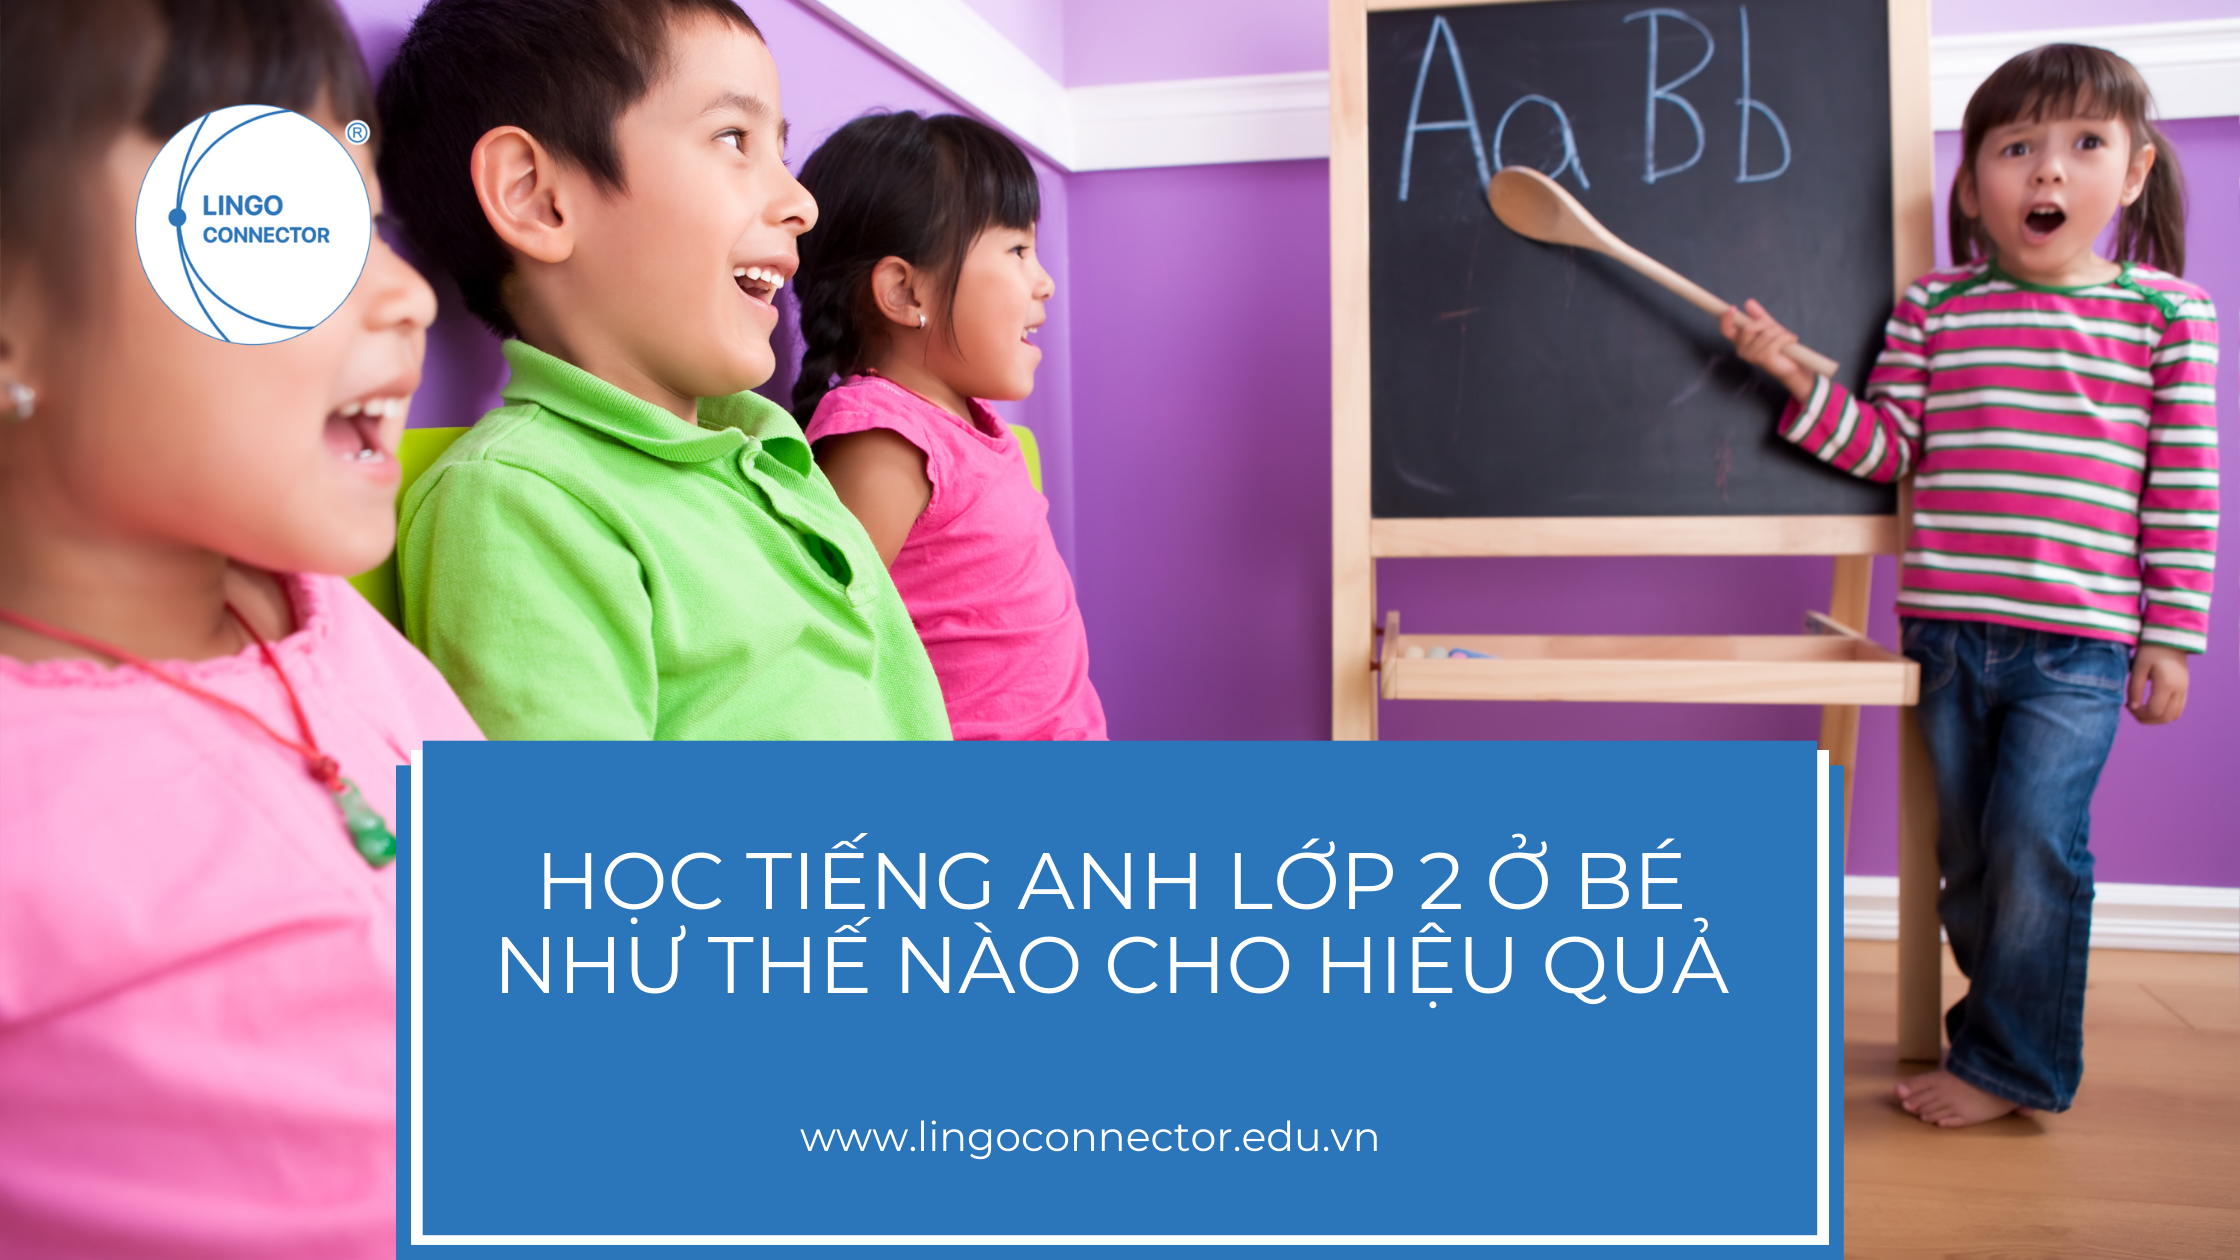 Học tiếng Anh lớp 2 ở bé như thế nào cho hiệu quả